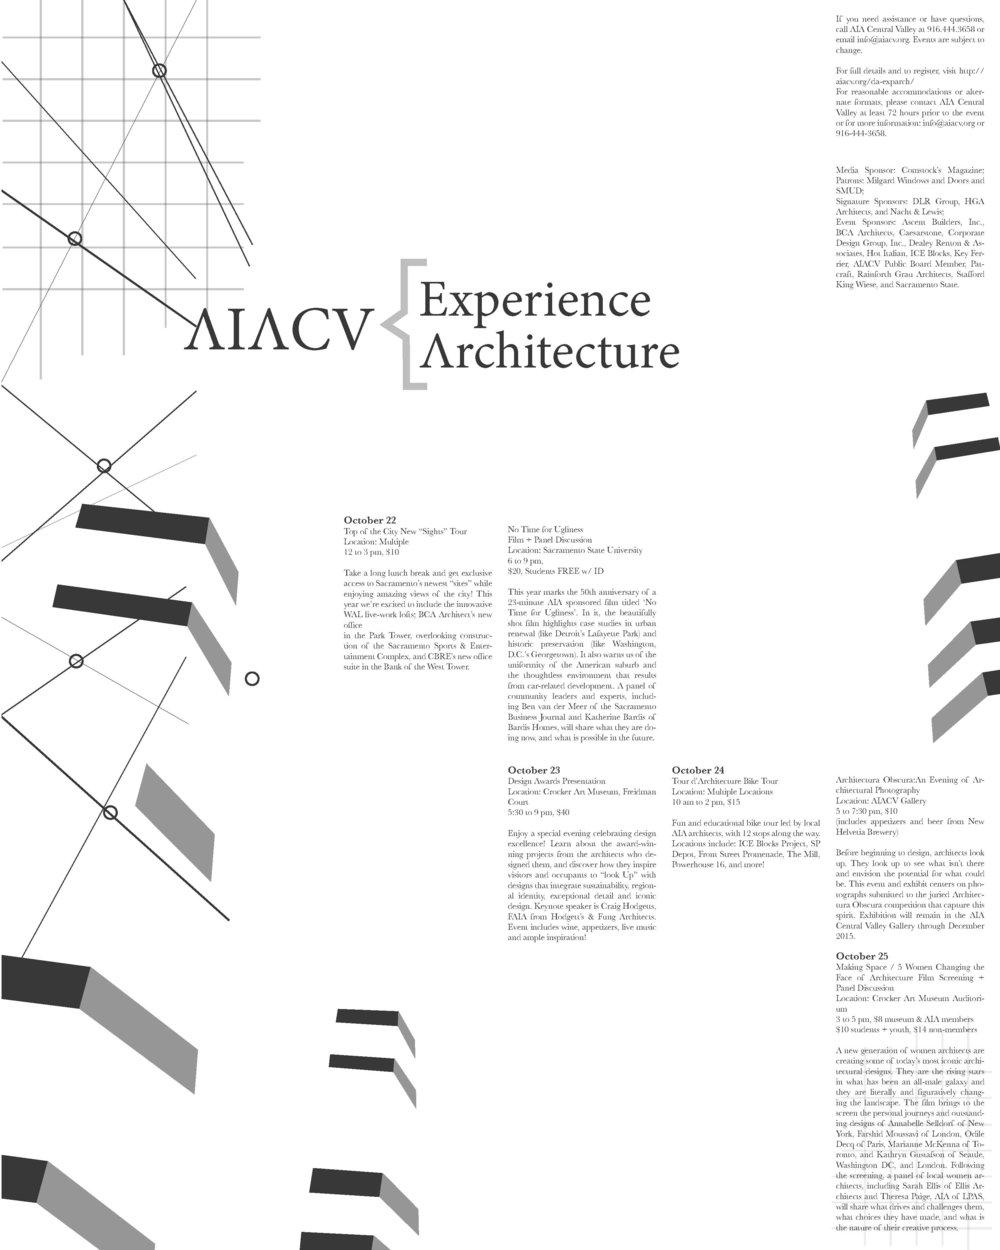 25variations_Page_7.jpg